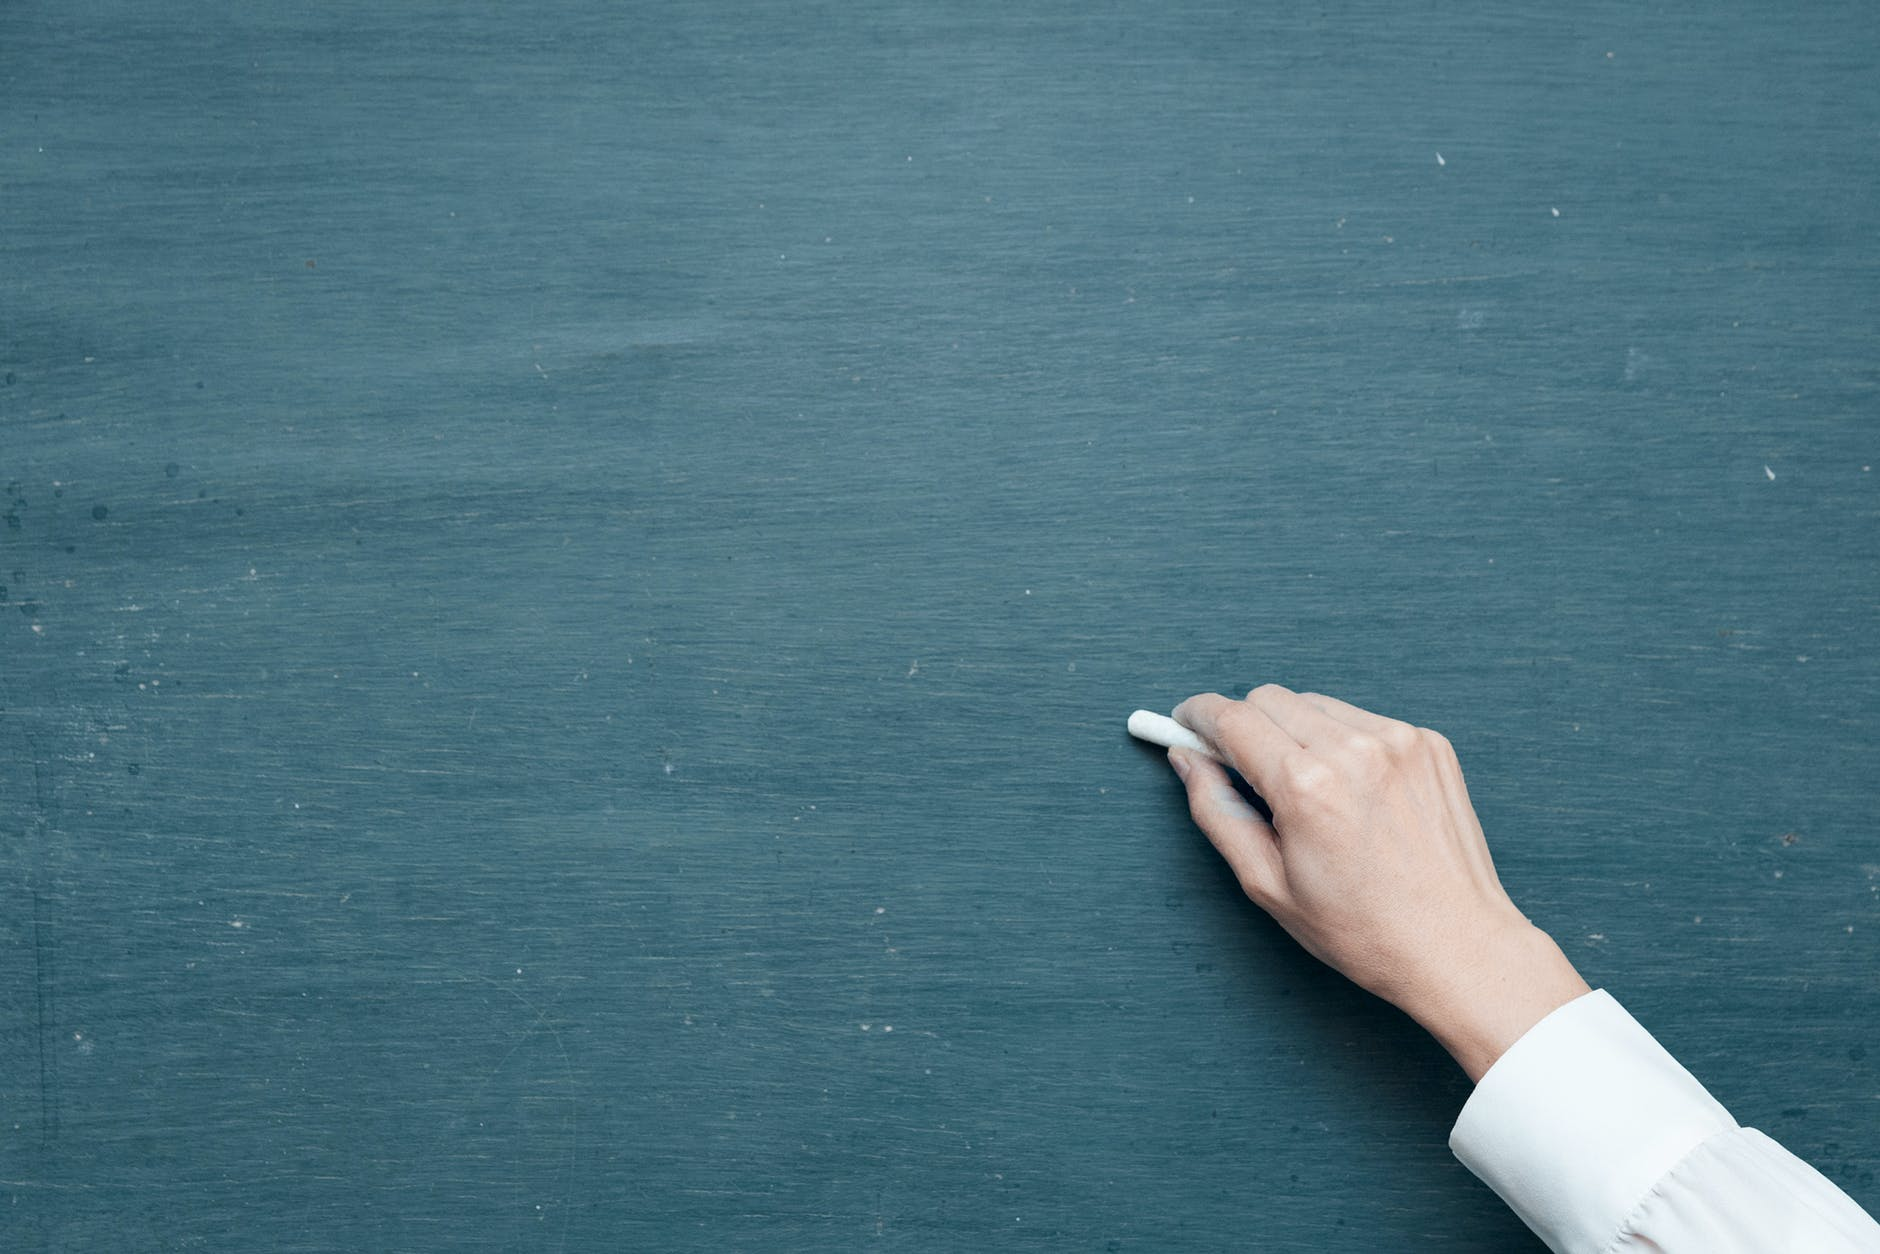 board chalk chalk board chalkboard